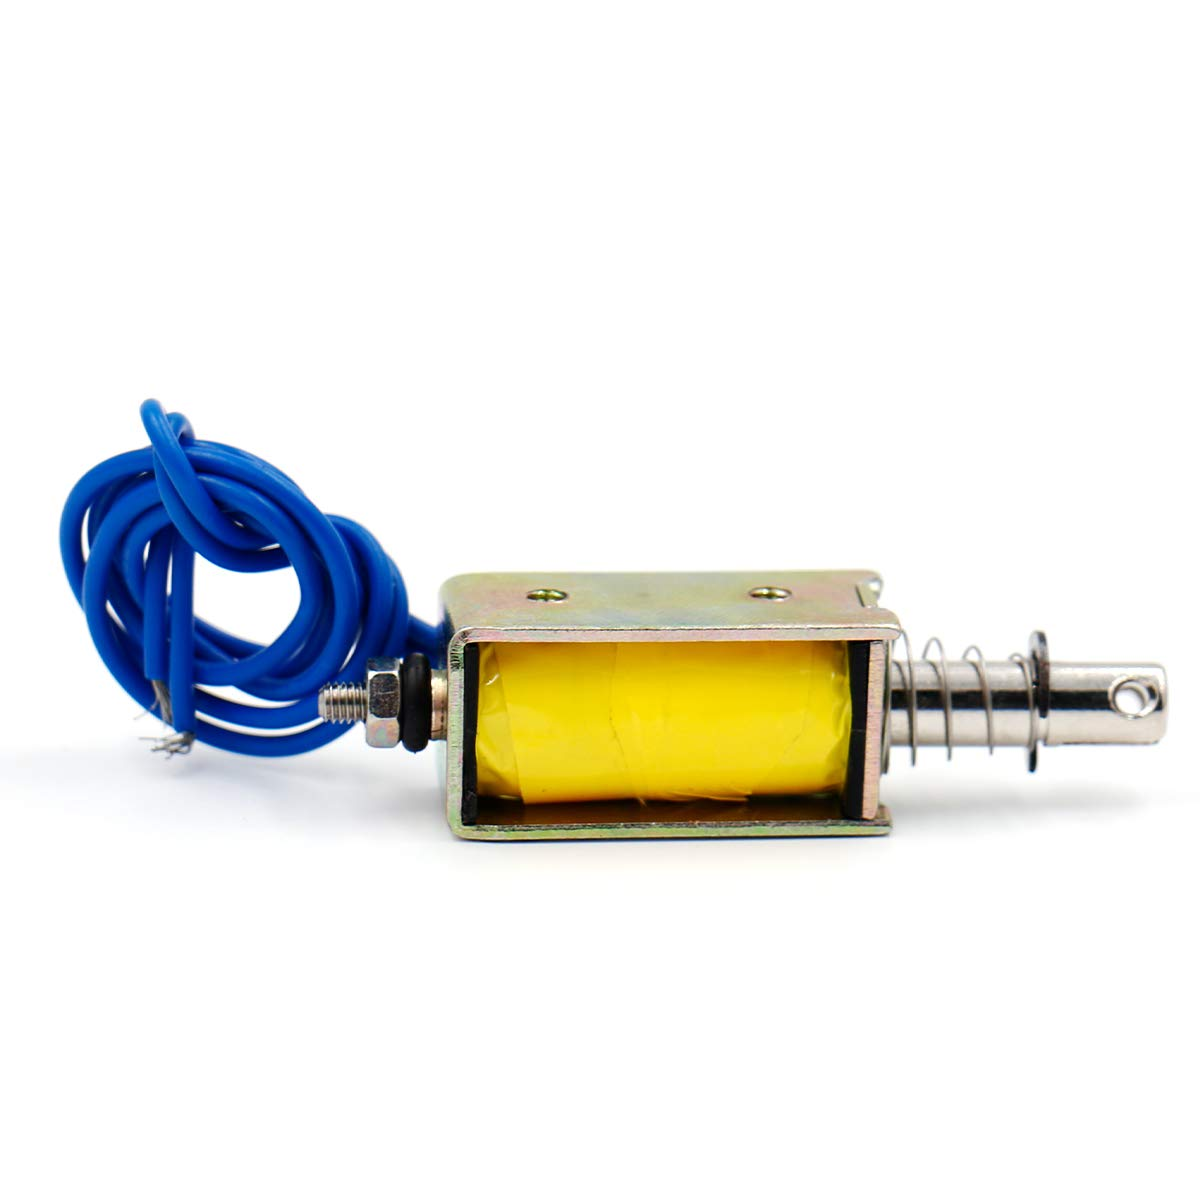 Baomain Push Pull Type Open Frame Solenoid Electromagnet XRN-0530T 10mm Stroke DC 6 V